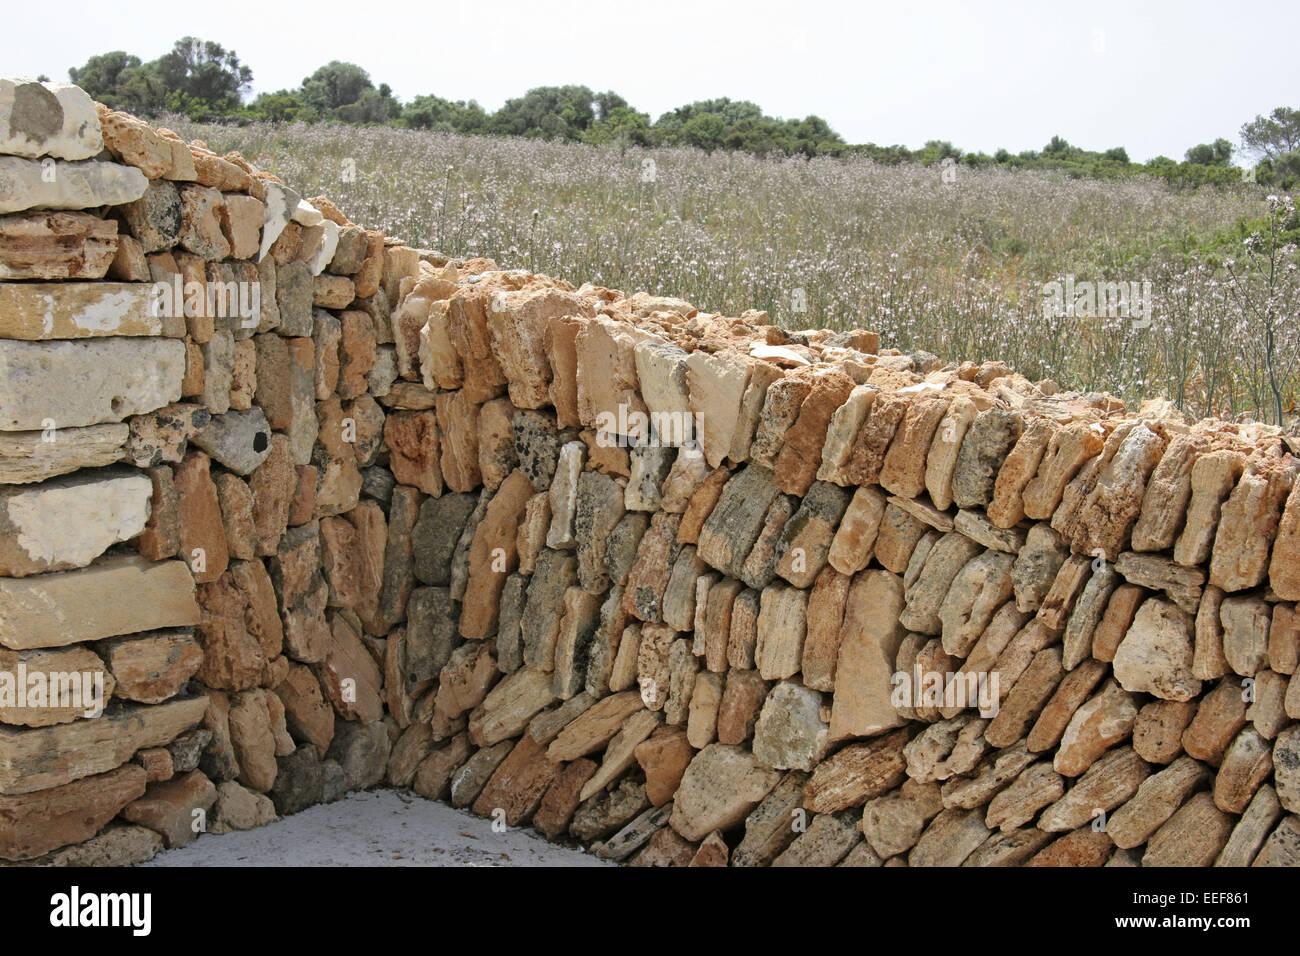 steinmauer photos & steinmauer images - alamy